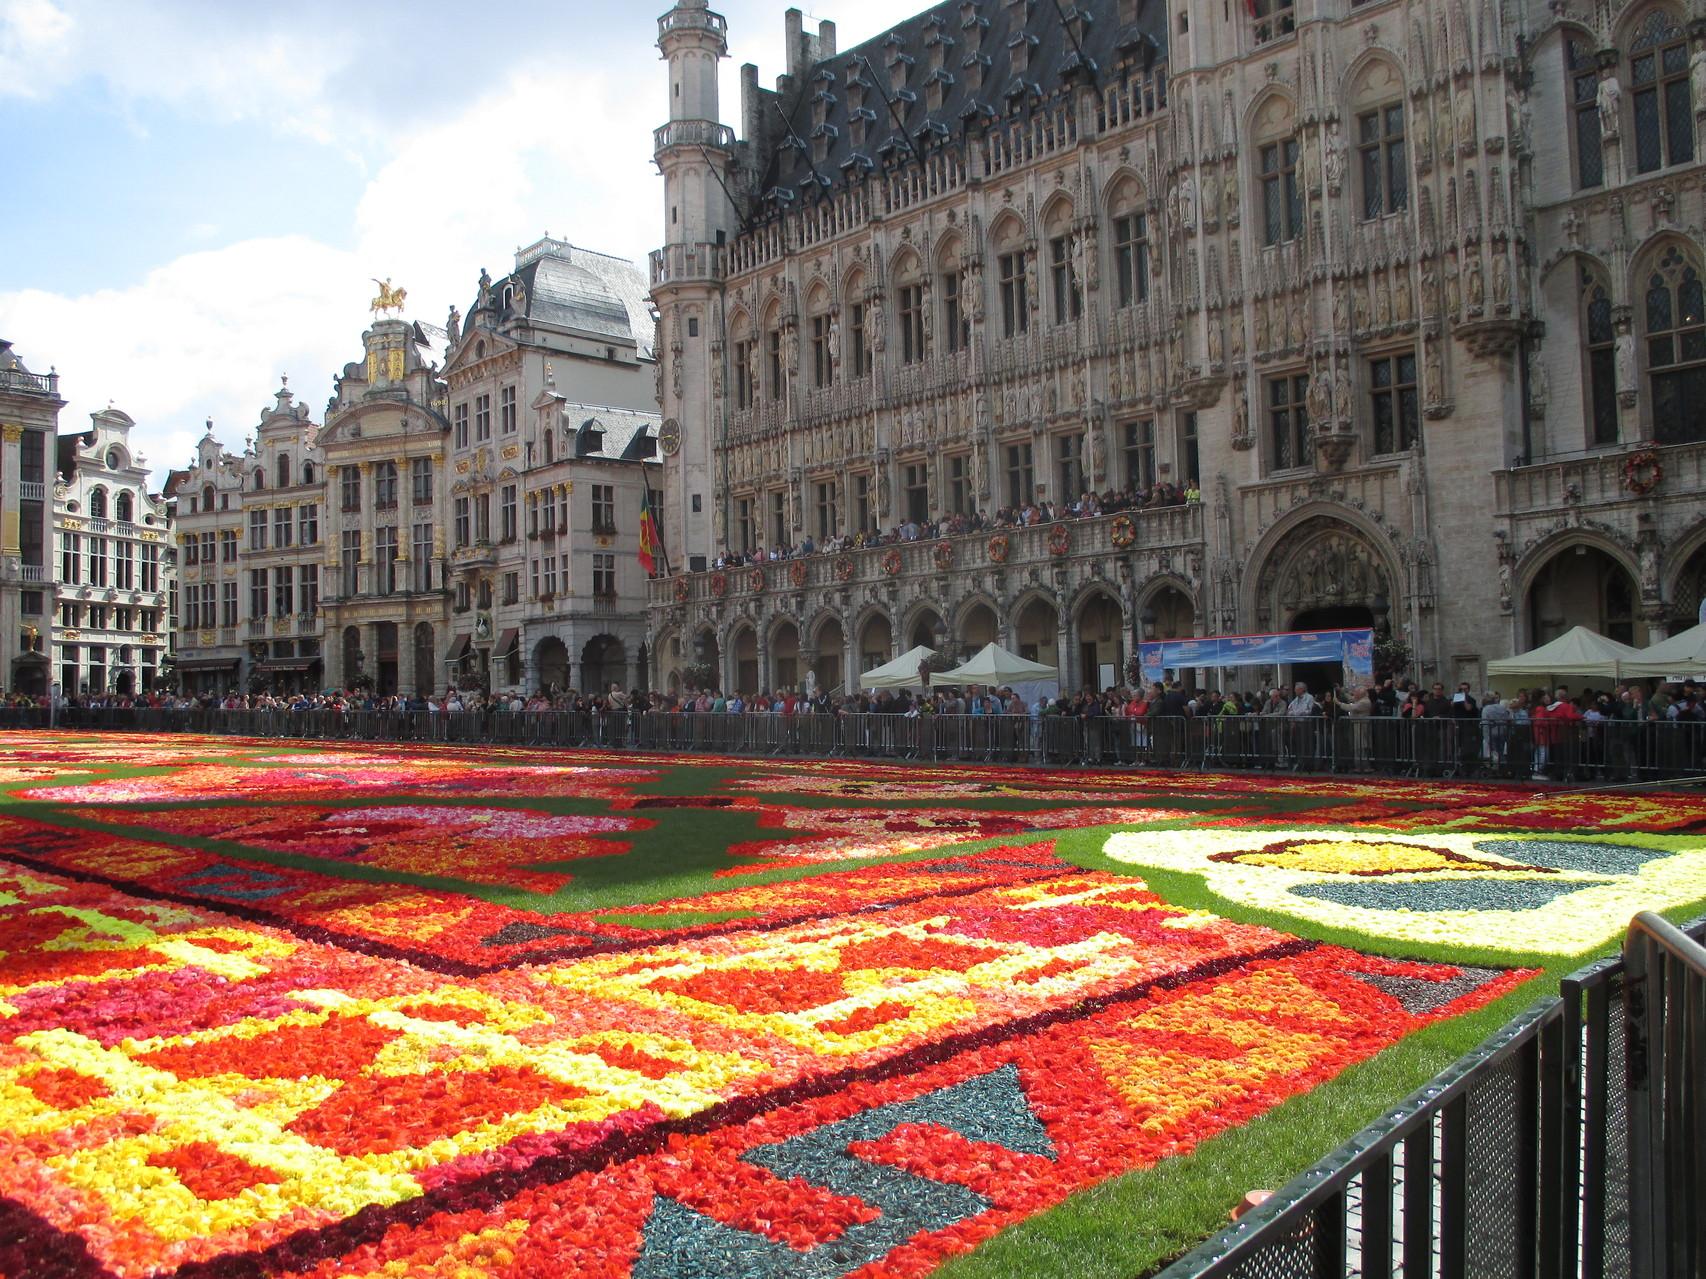 La grand place et son tapis de fleurs naturelles, bégonias surtout